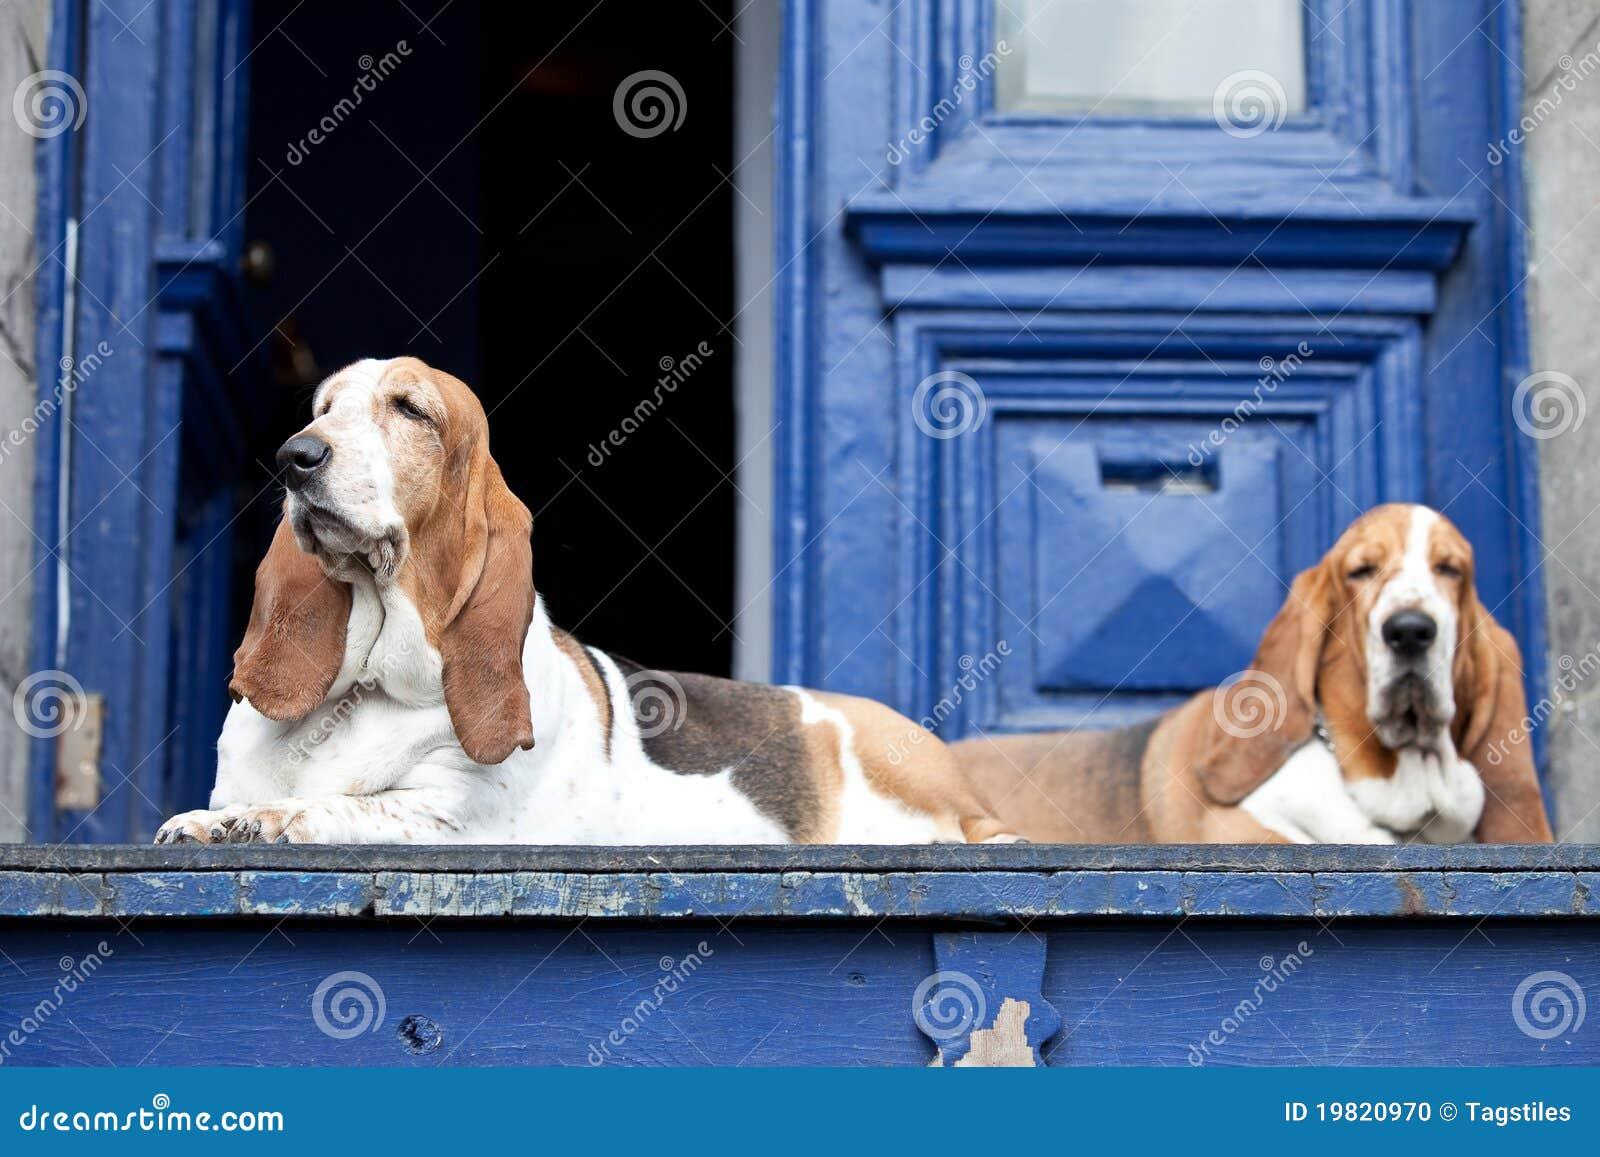 Download Dachshundjagdhunde stockfoto. Bild von entspannt, entspannen - 19820970